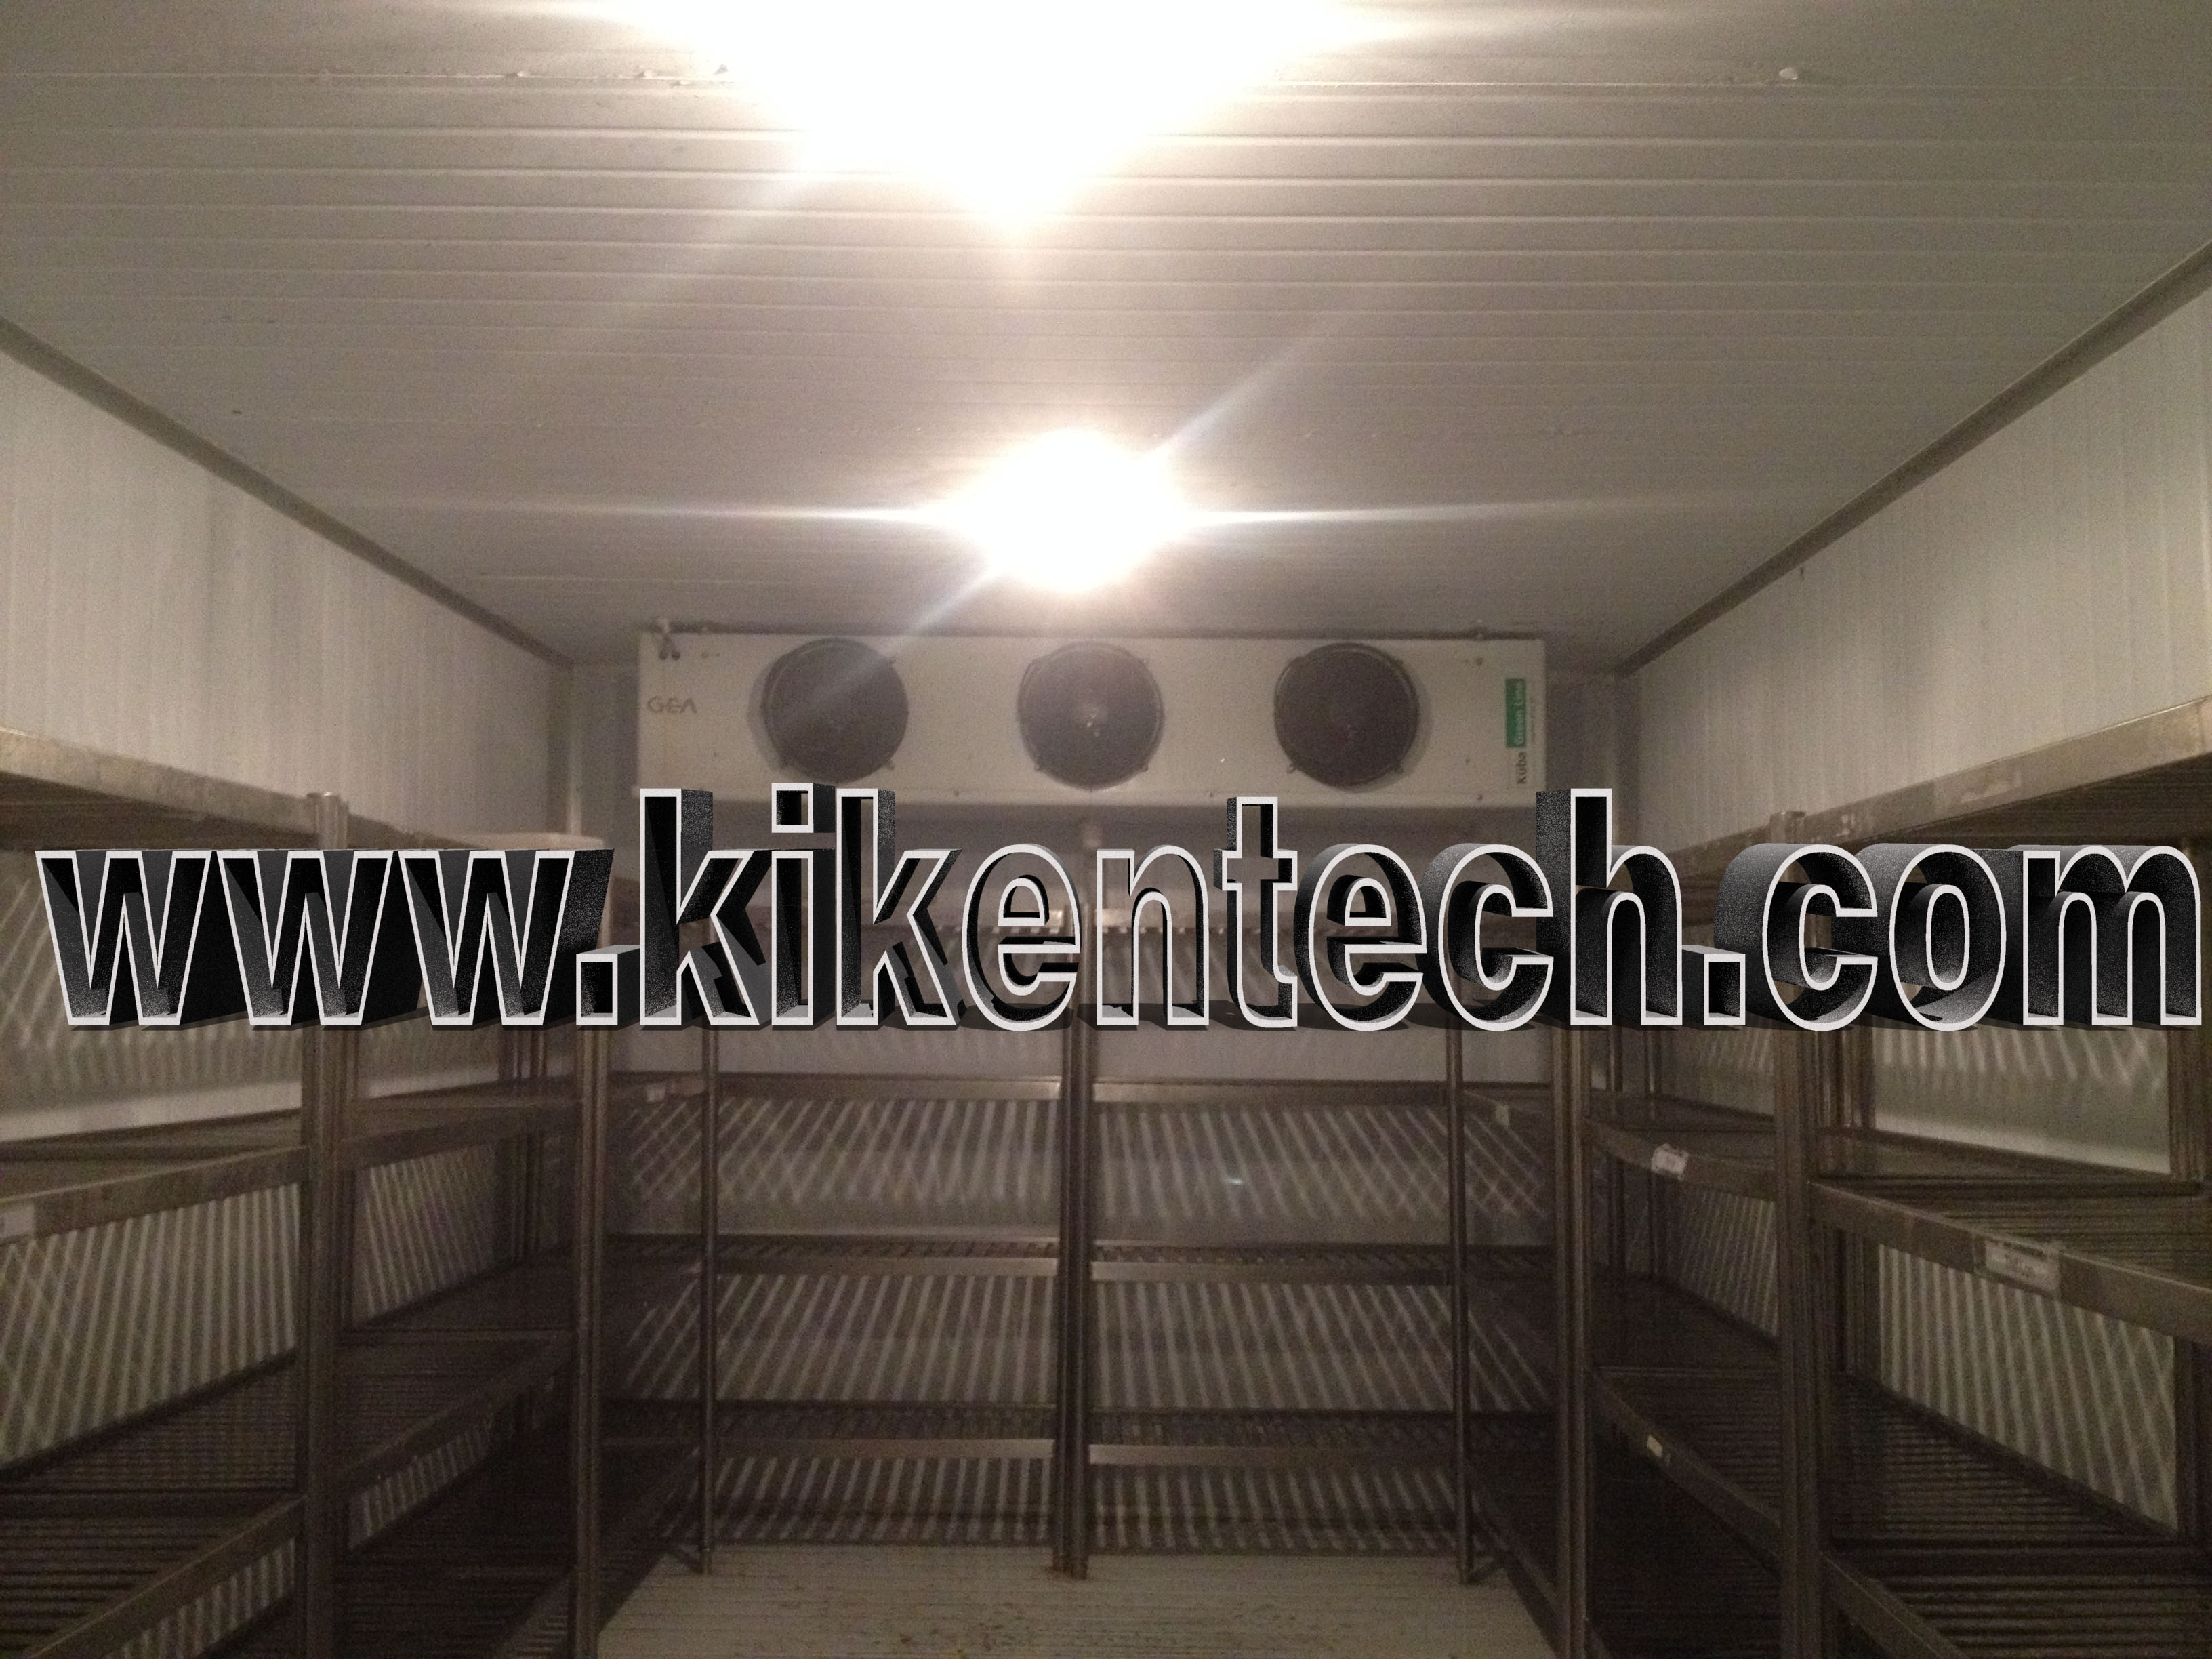 Xây dựng hệ thống kho lạnh miền tây - Lắp đặt kho lạnh Sài Gòn